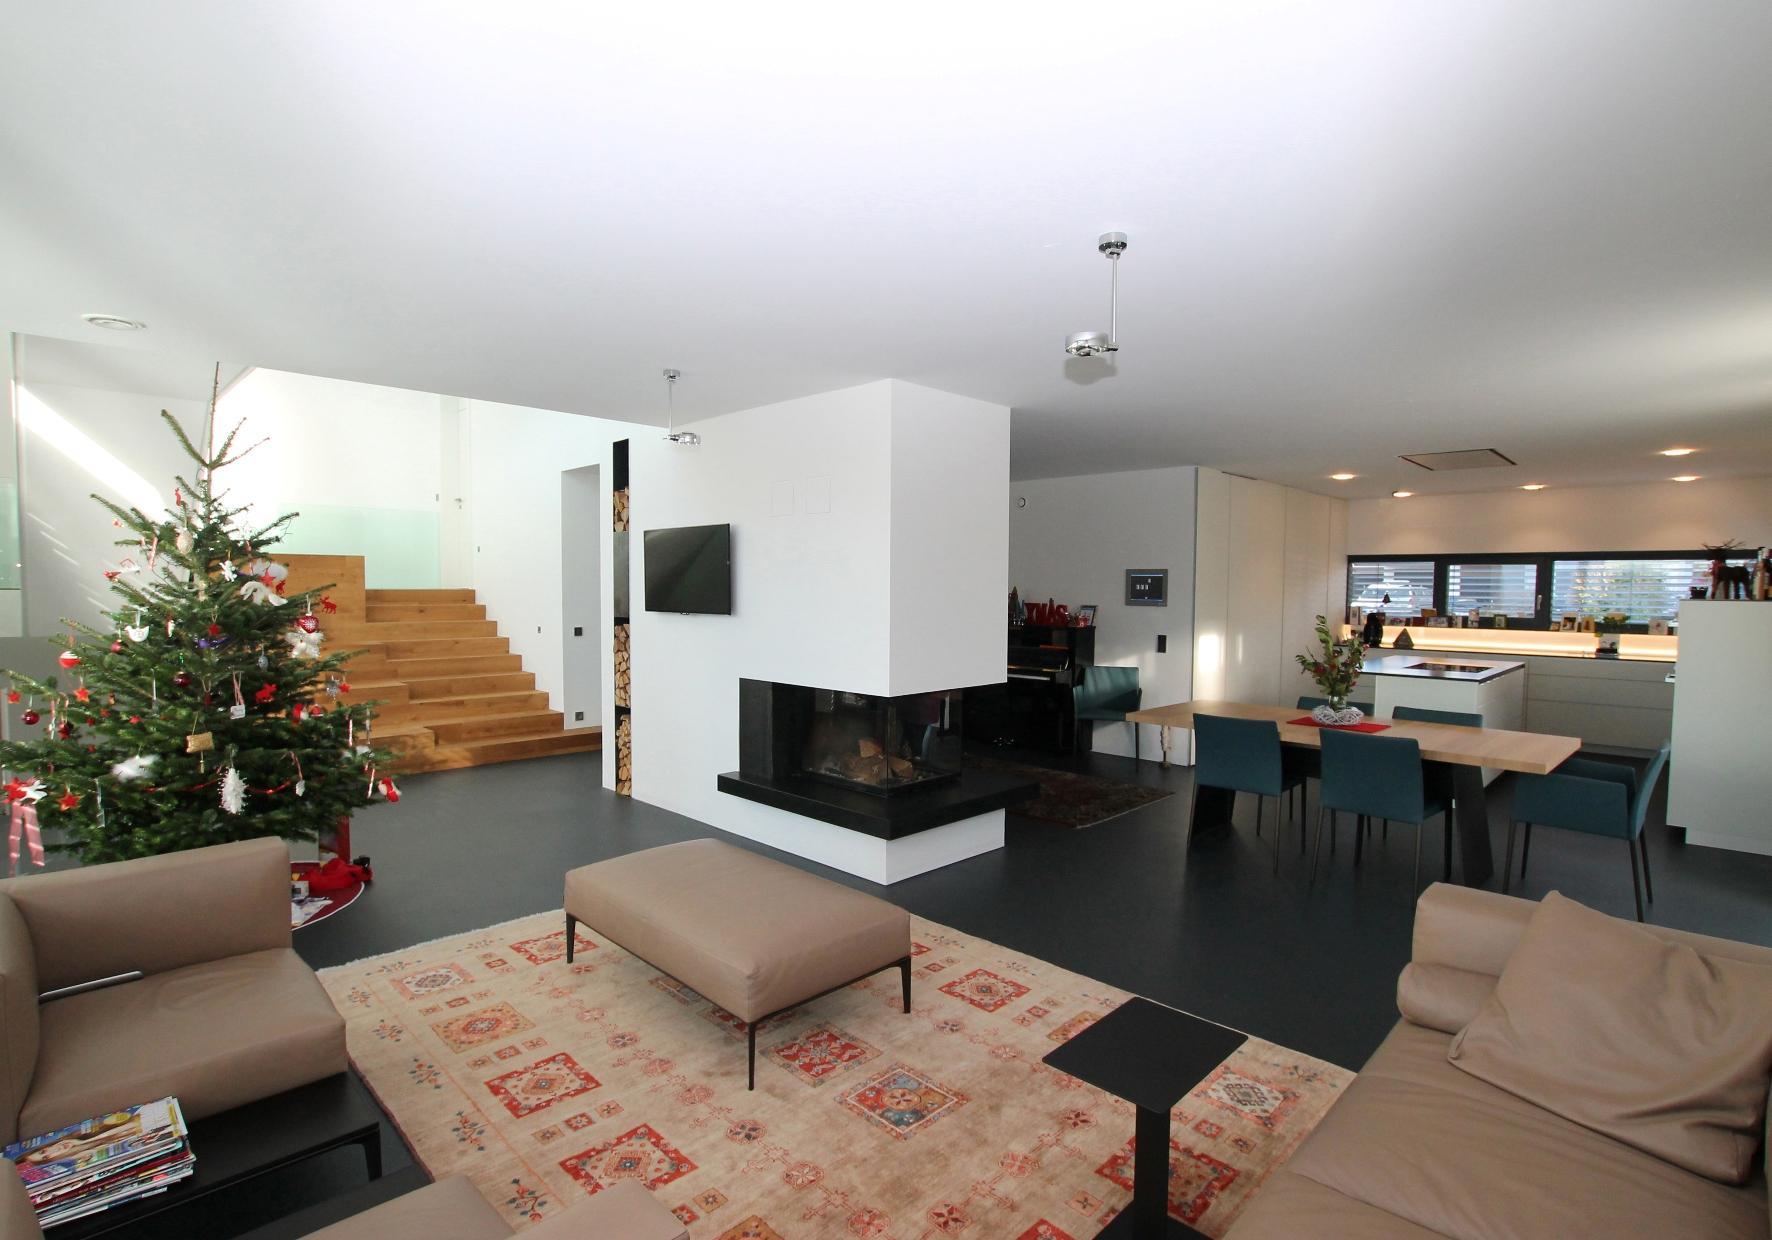 kamin seite 20 bilder ideen couchstyle. Black Bedroom Furniture Sets. Home Design Ideas